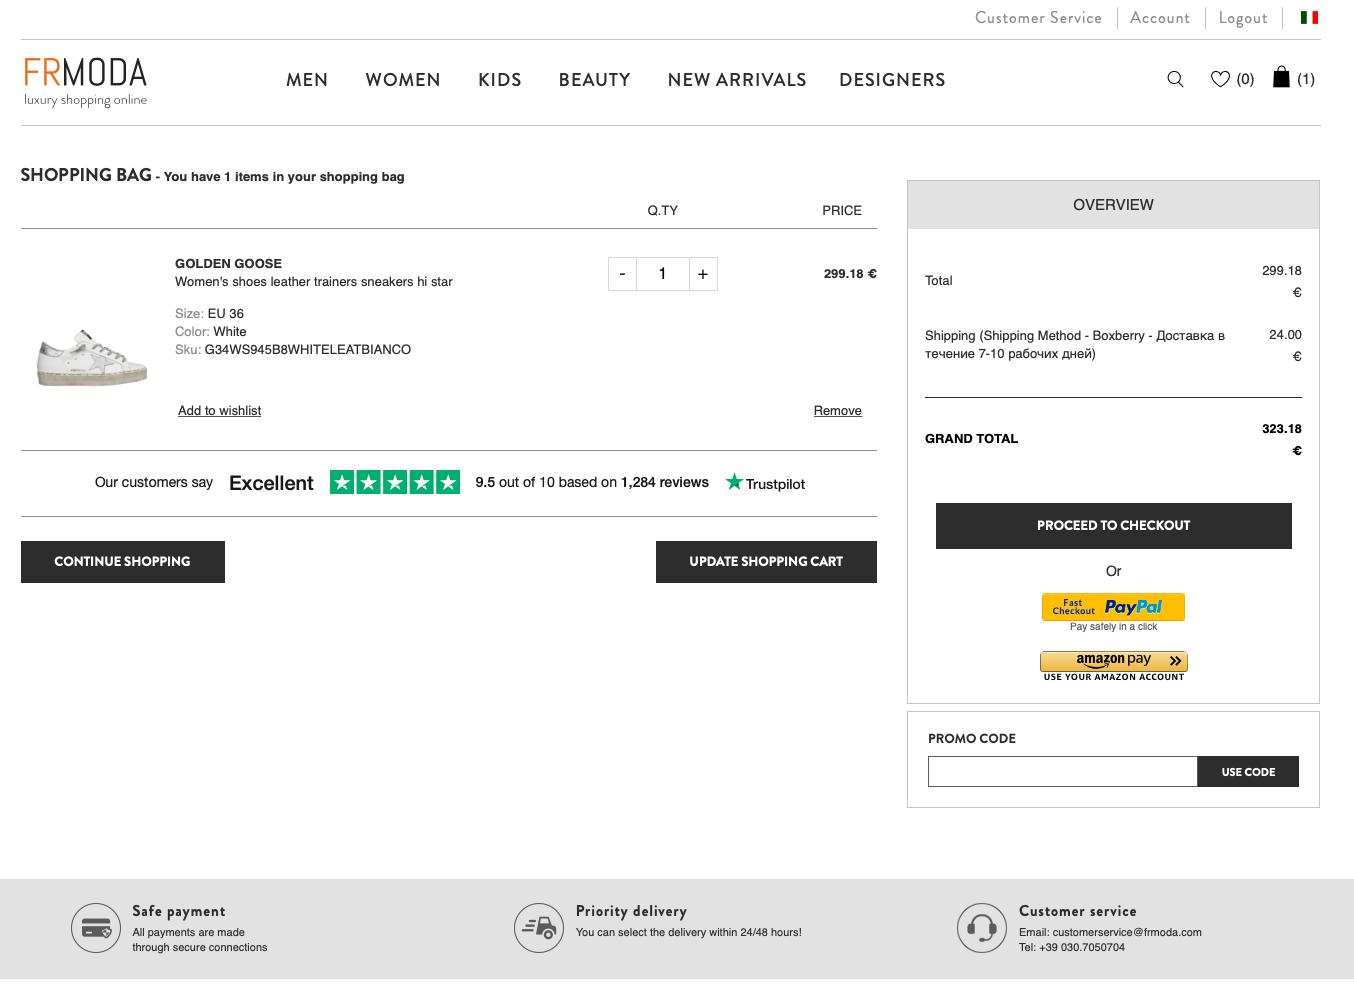 FRMODA - pagina del checkout